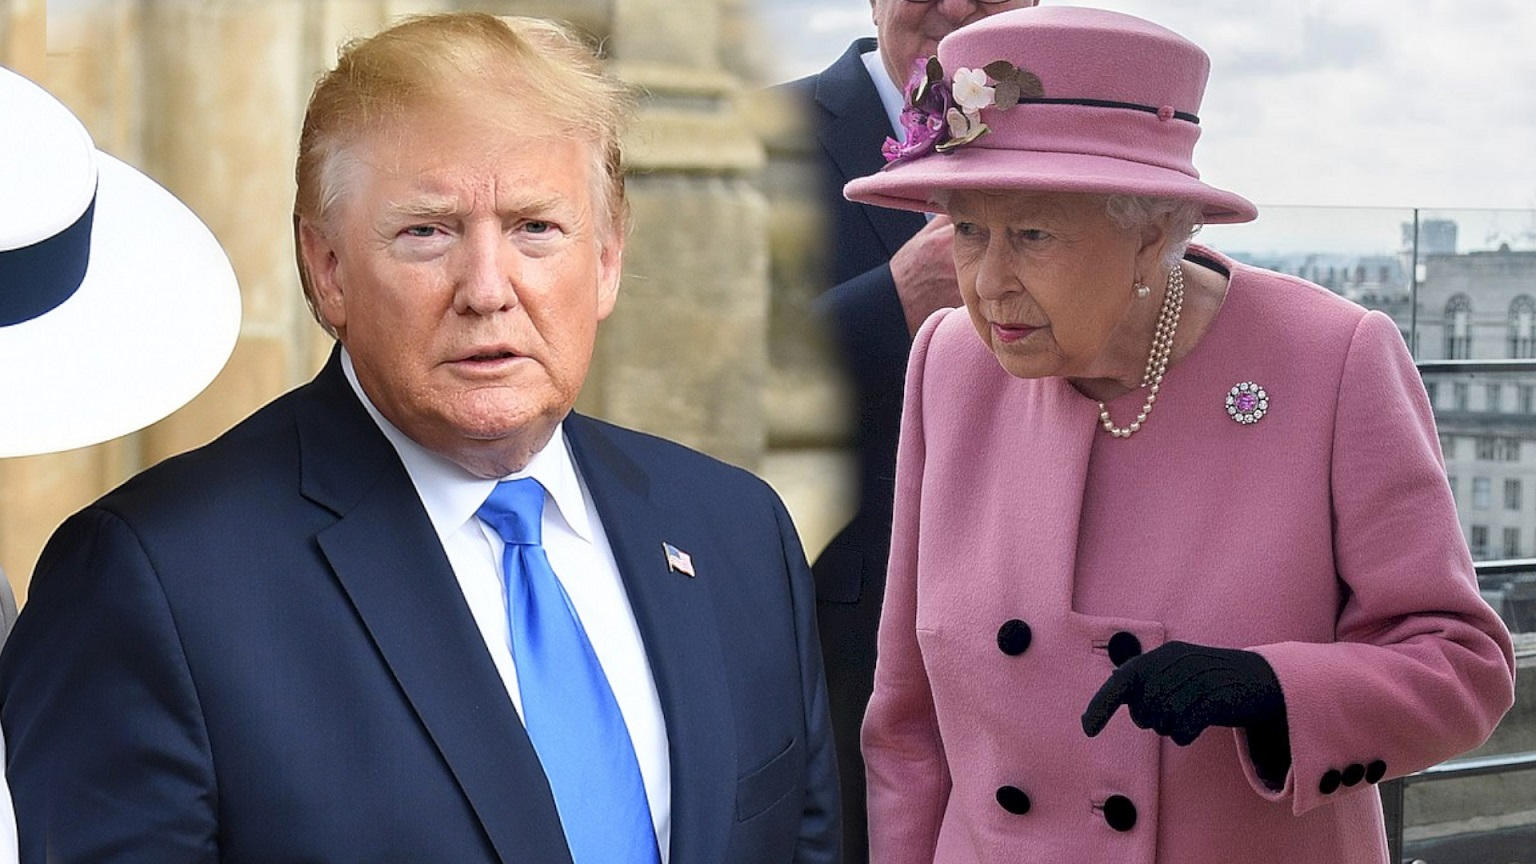 Donald Trump zasnął podczas przemówienia królowej Elżbiety II (WIDEO)